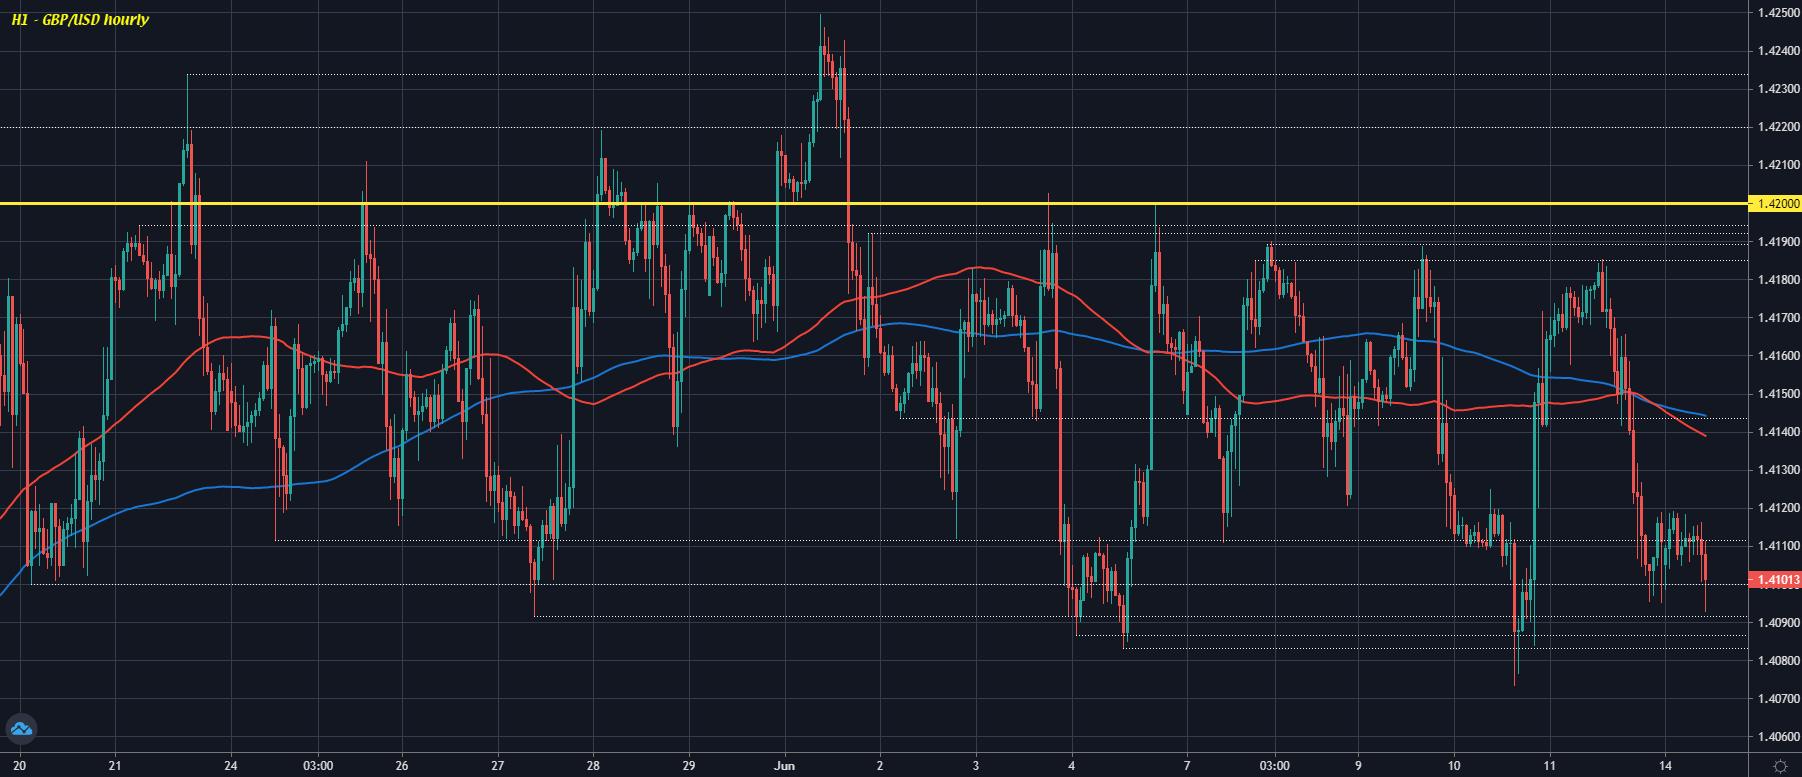 GBP/USD H1 14-06